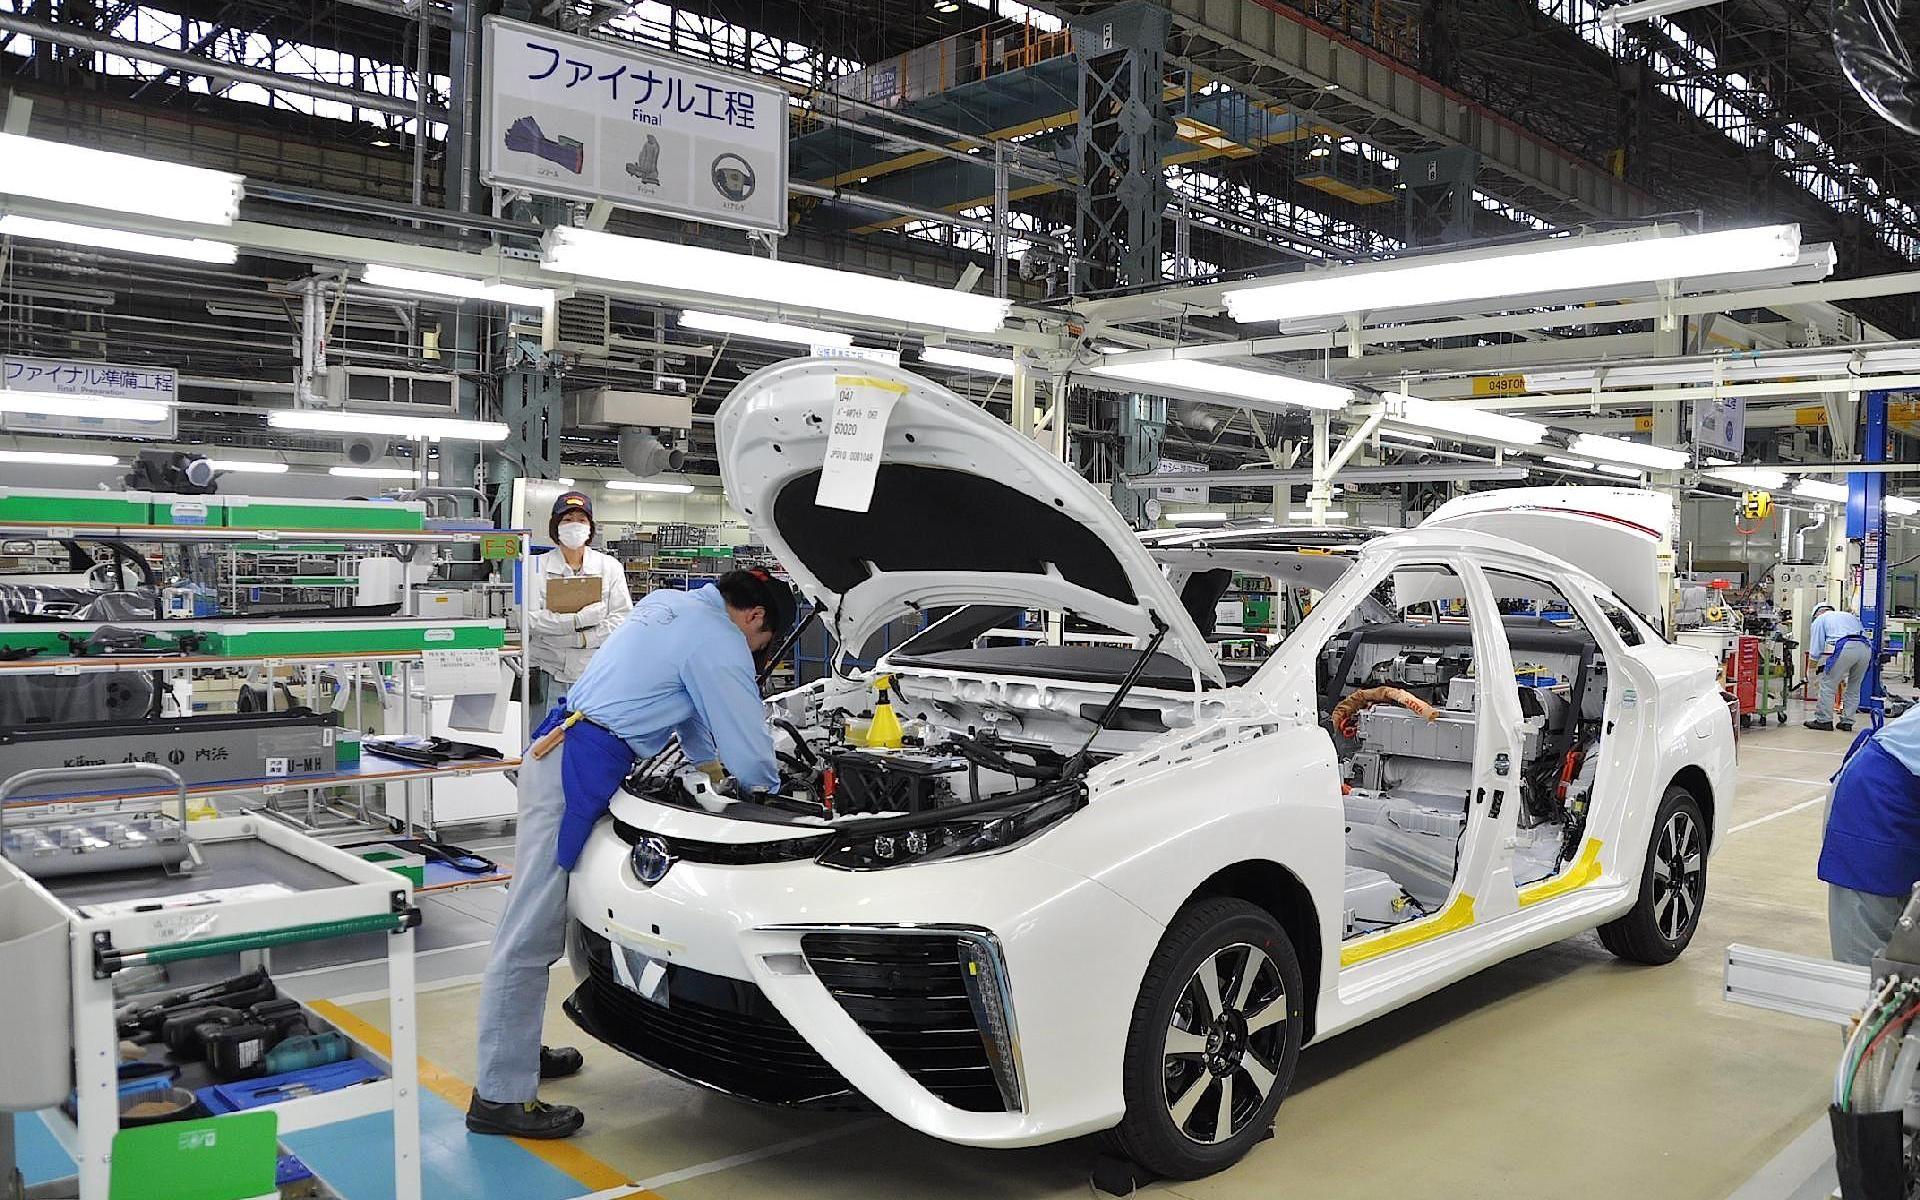 أزمة الرقائق ستلتهم 210 مليارات دولار من إيرادات شركات السيارات في 2021